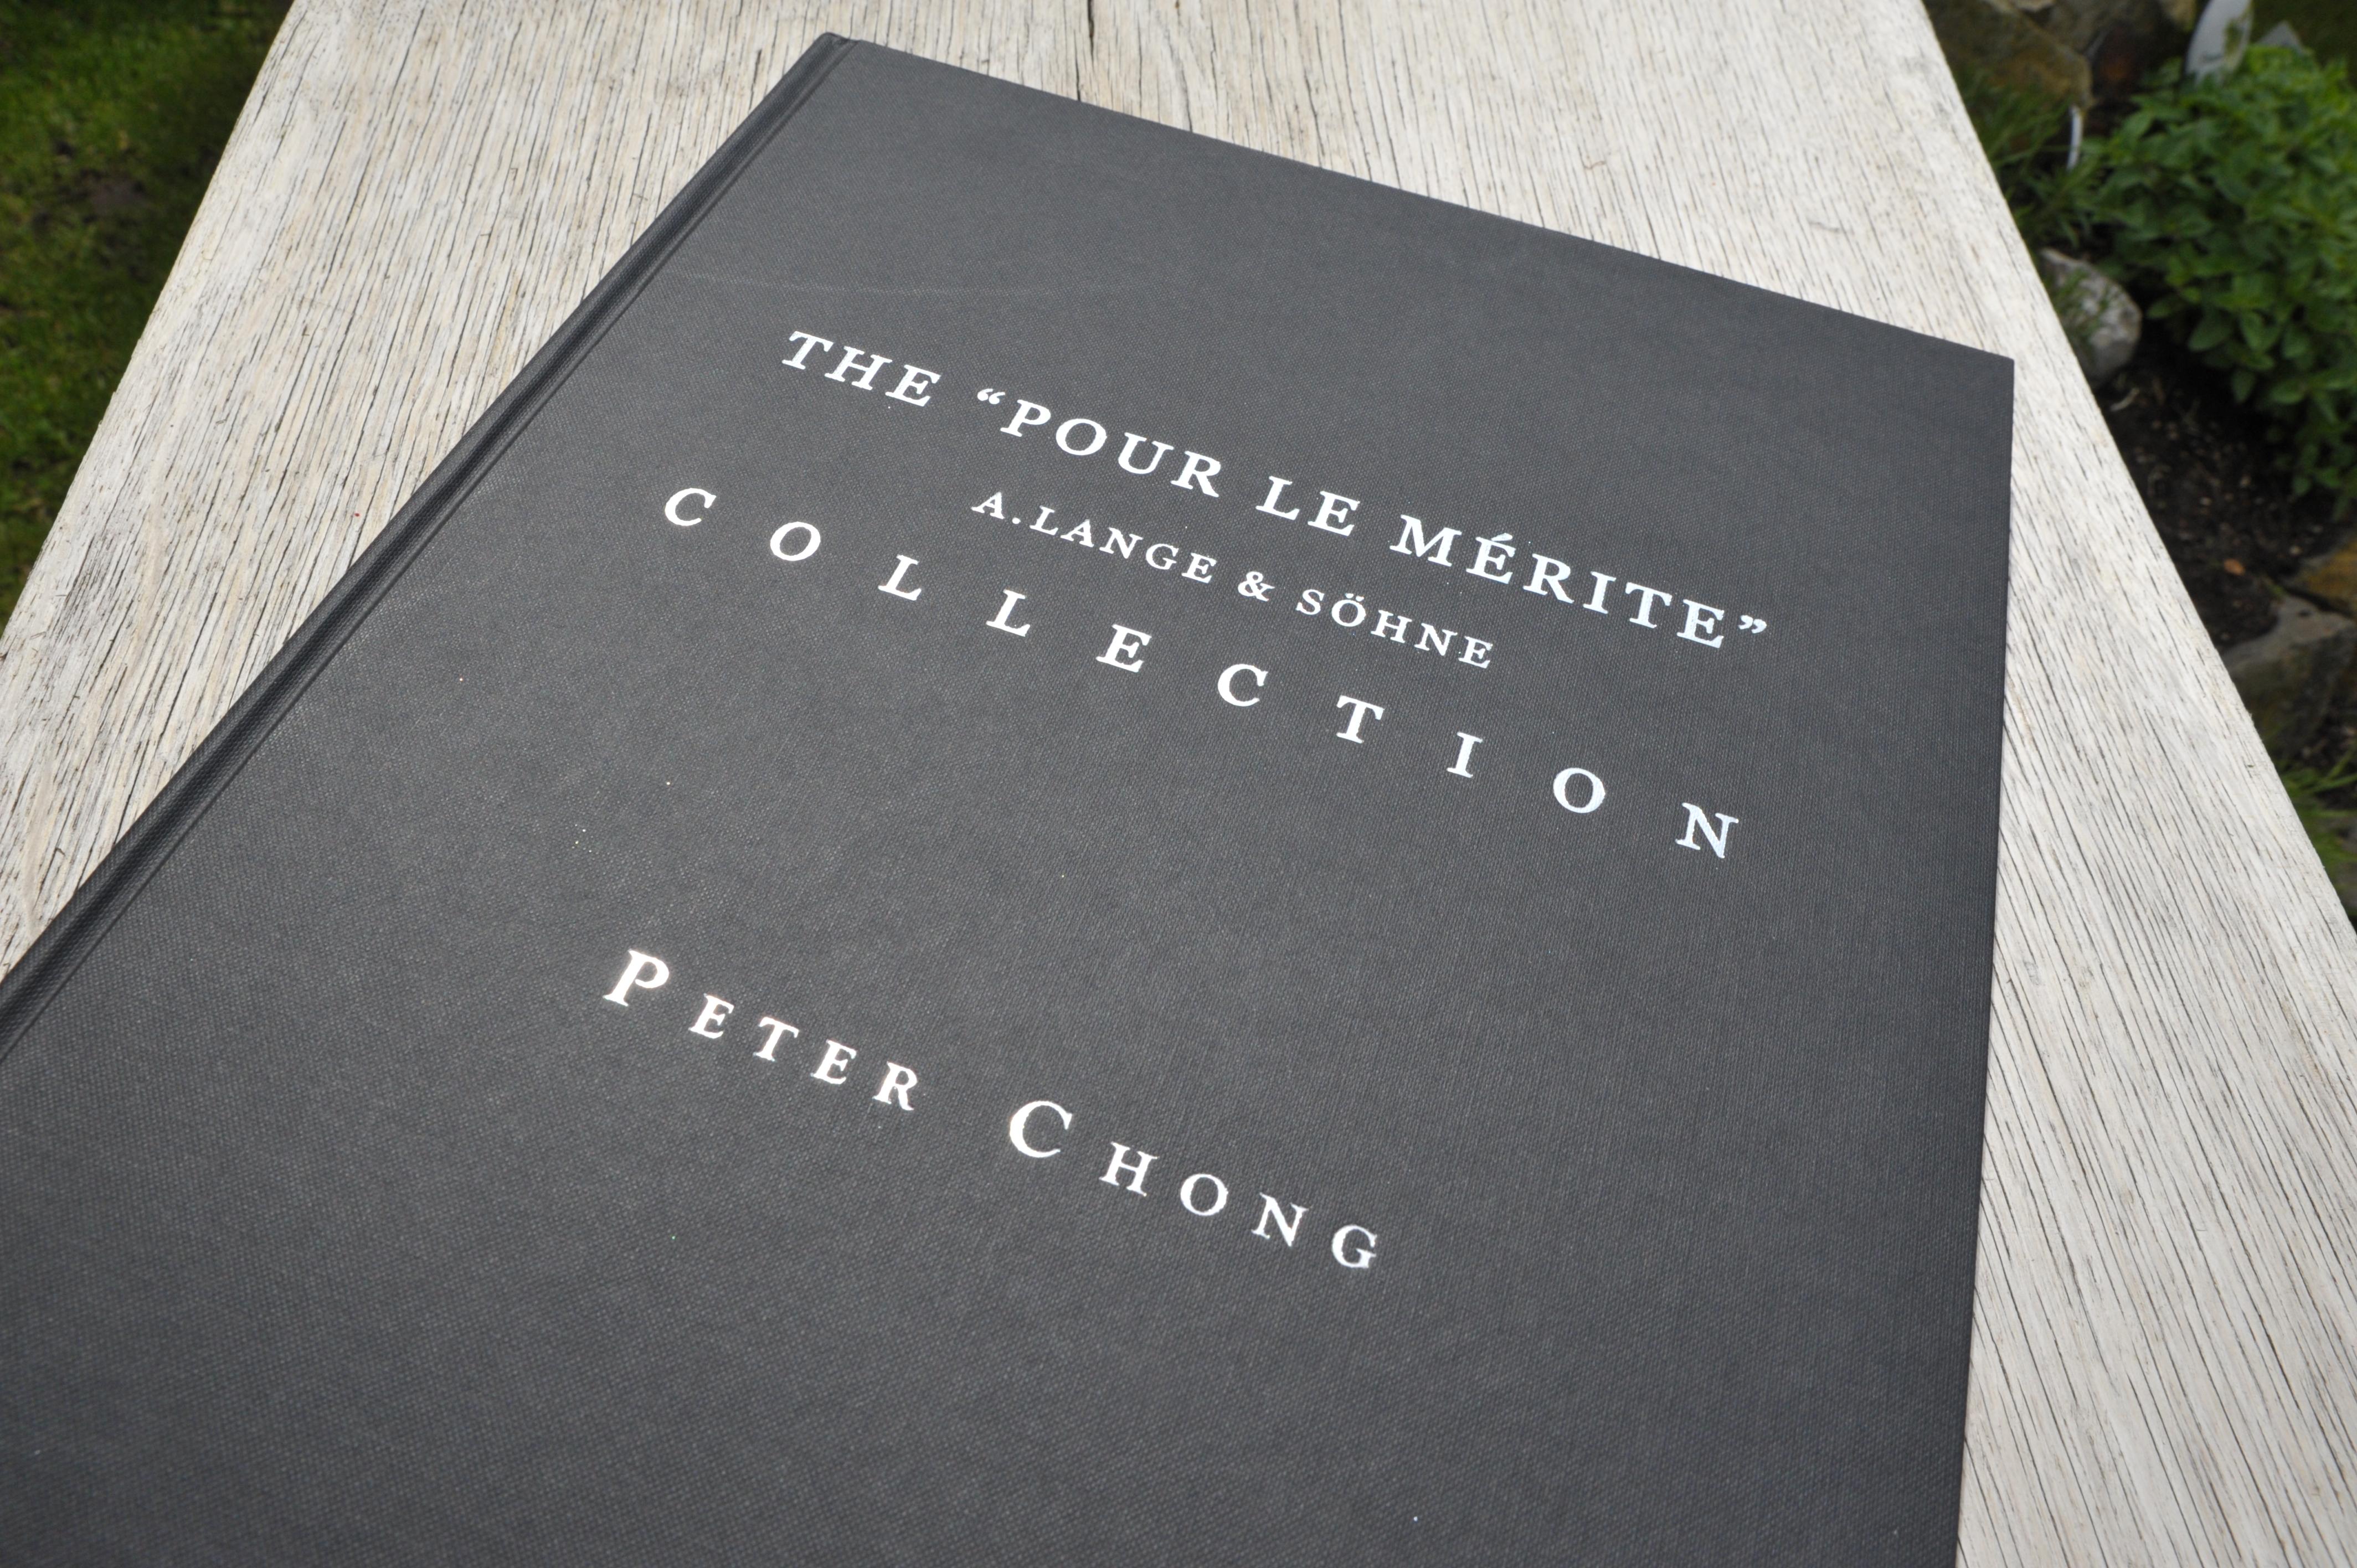 Pour Le Merite von Peter Chong